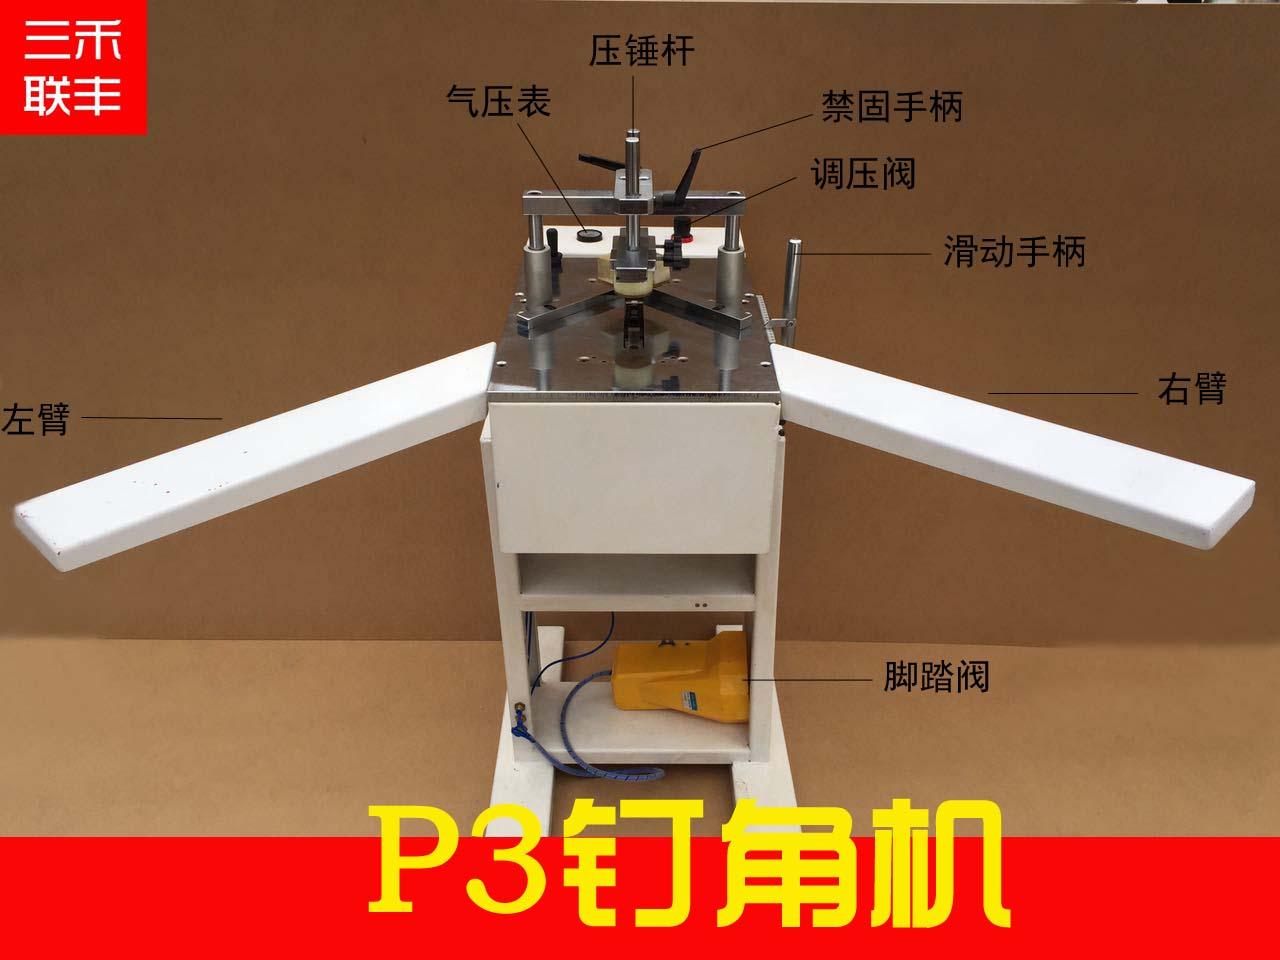 福建省P3钉角机